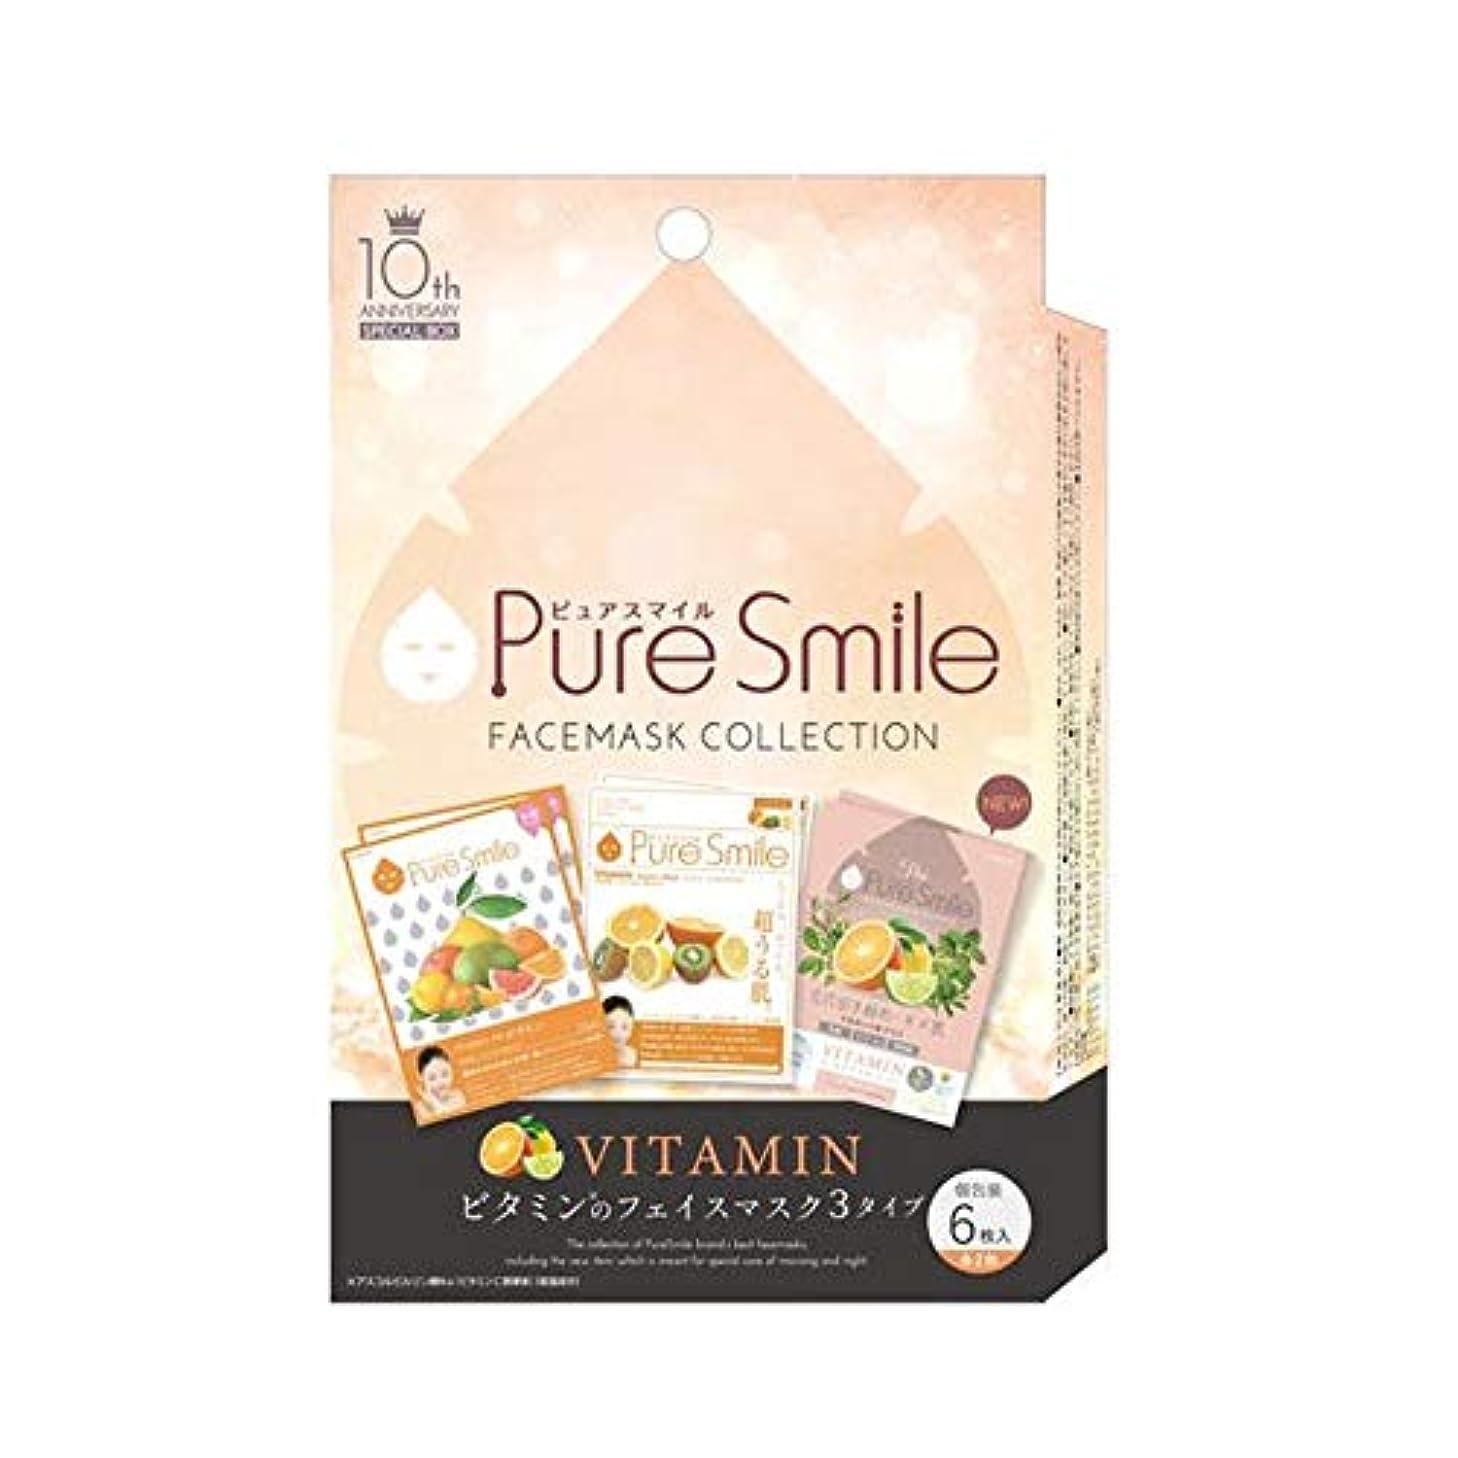 飼いならす崩壊カバレッジピュア スマイル Pure Smile 10thアニバーサリー スペシャルボックス ビタミン 6枚入り